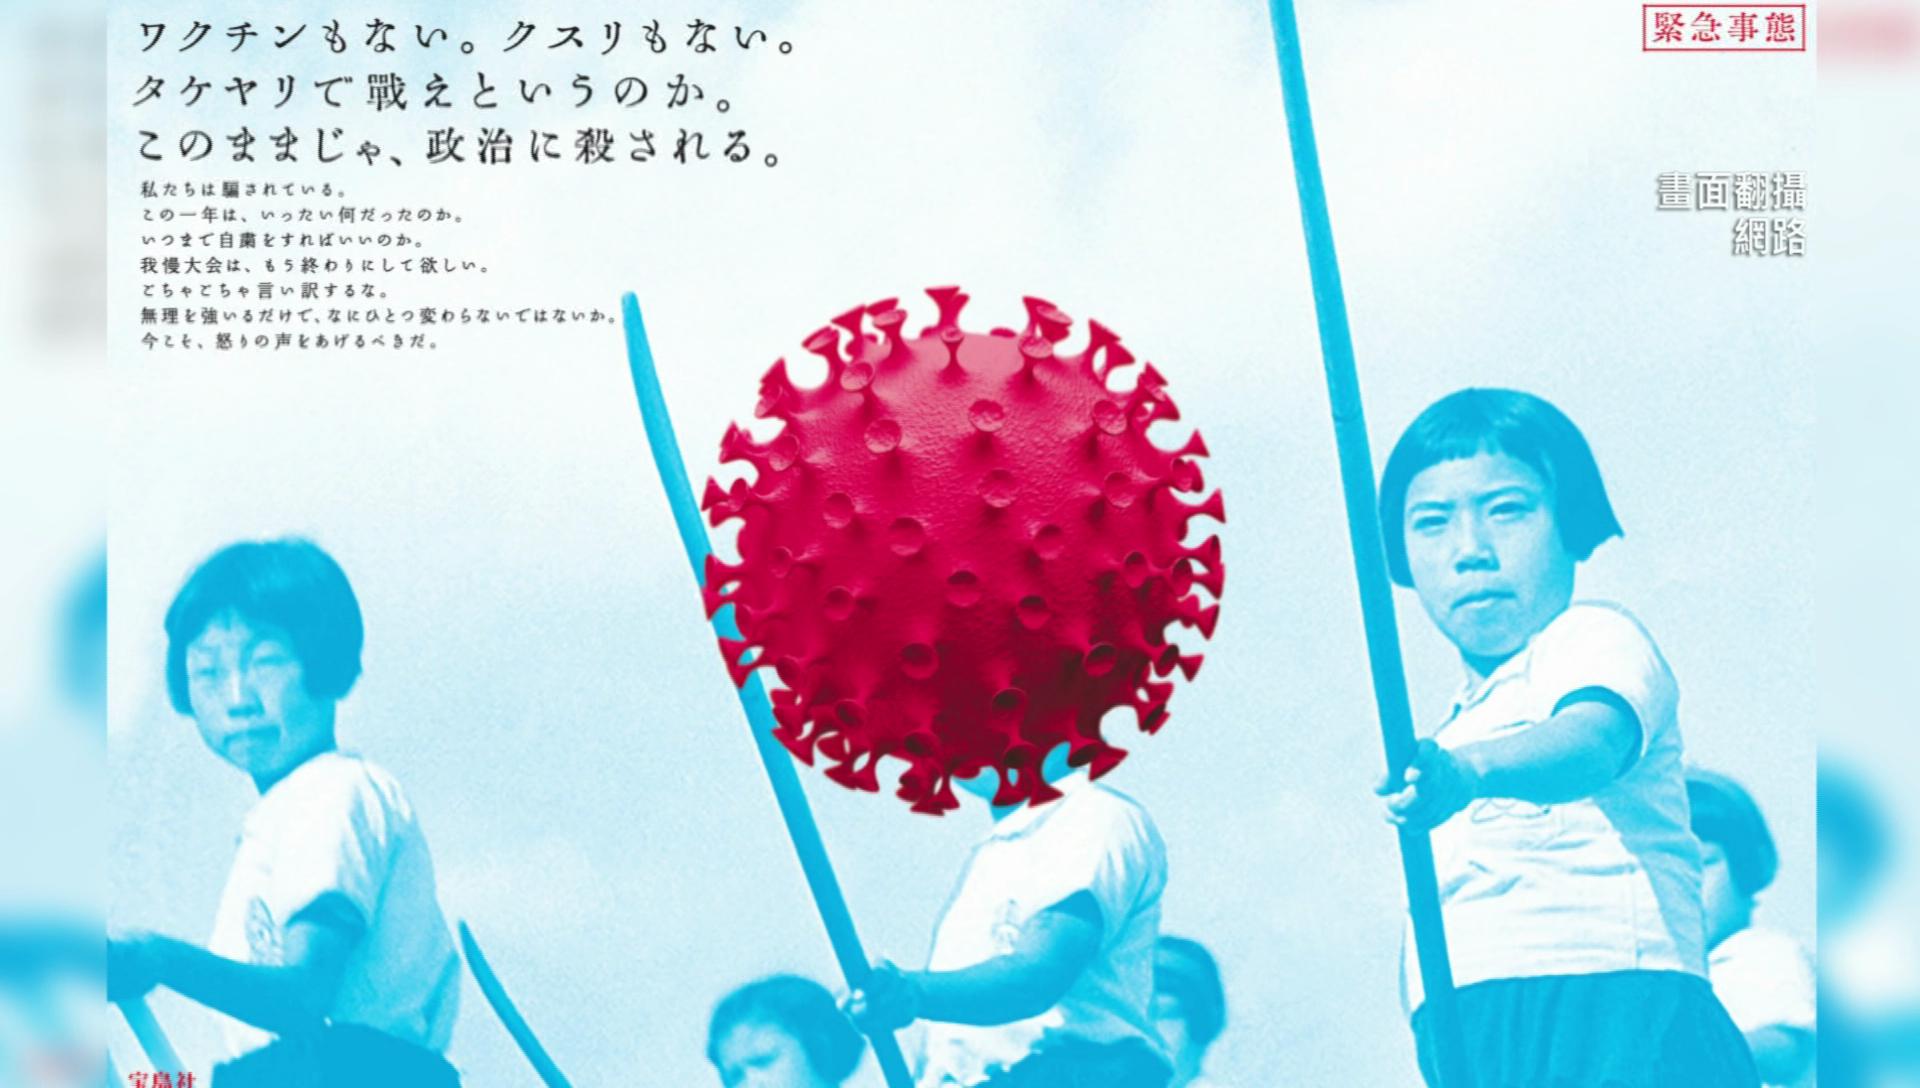 疫情失控! 大阪死亡率比印度高 日媒:我們將被政府殺死